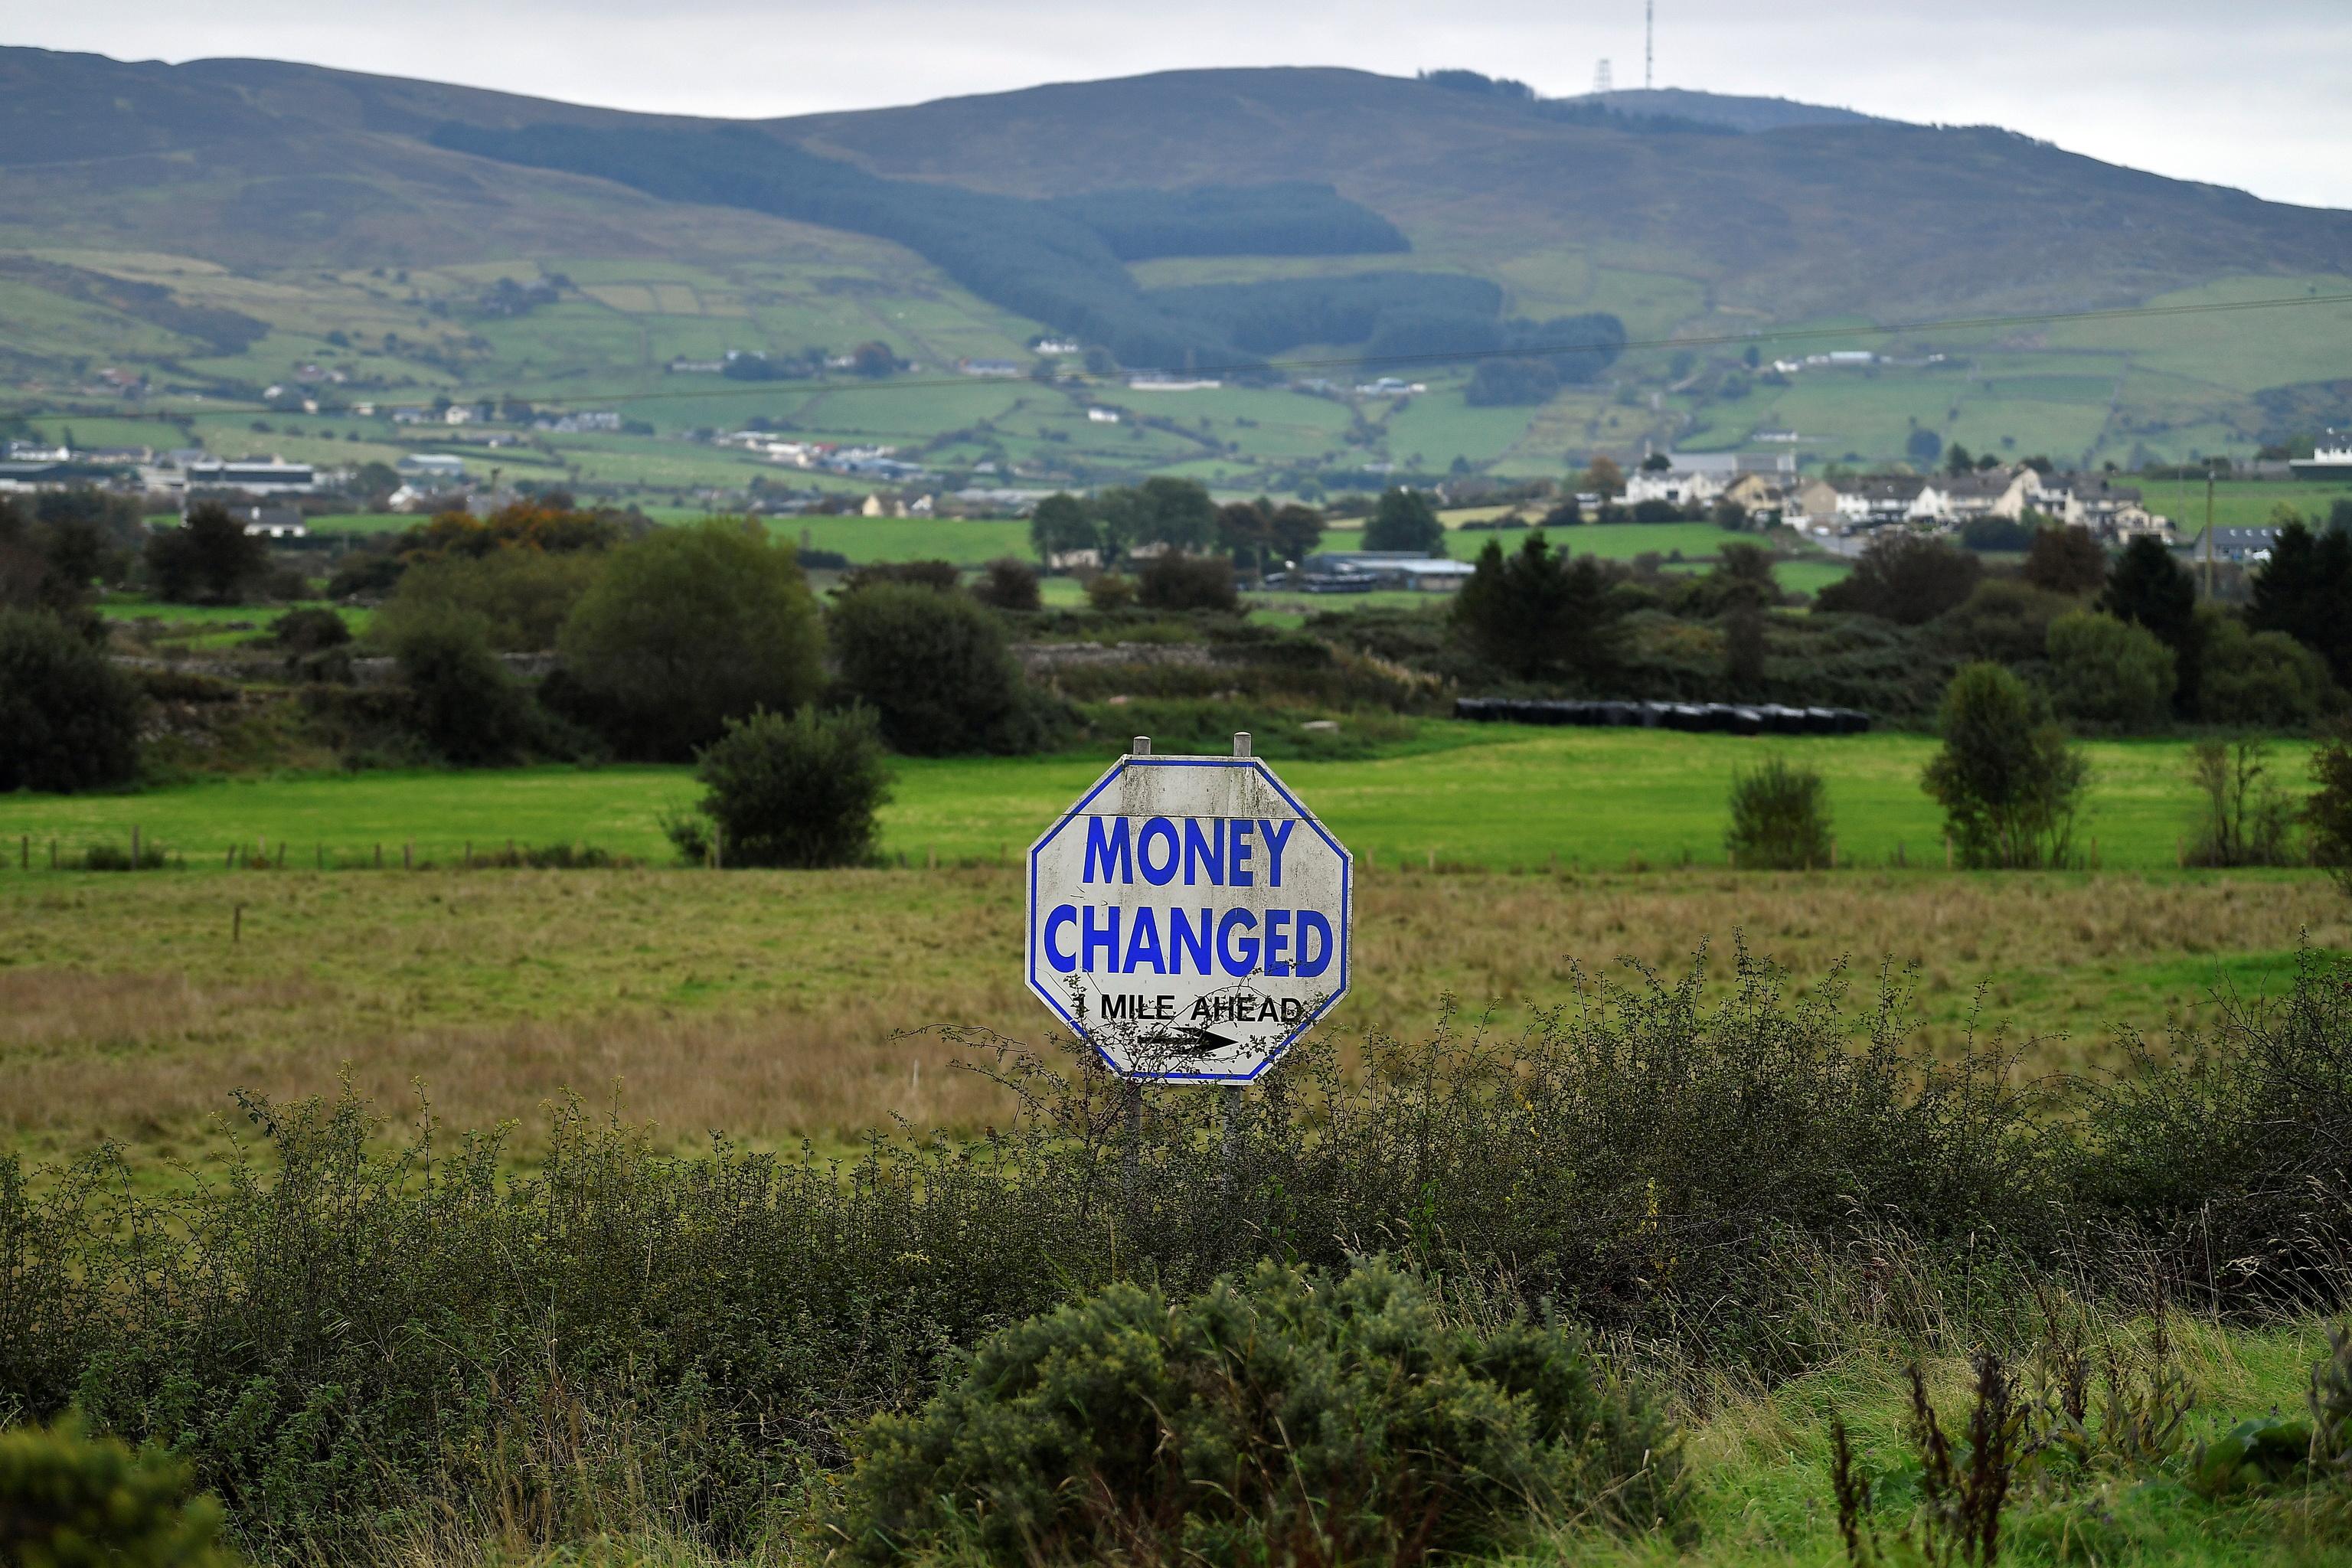 Una señal de 'cambio de moneda' en la frontera irlandesa.